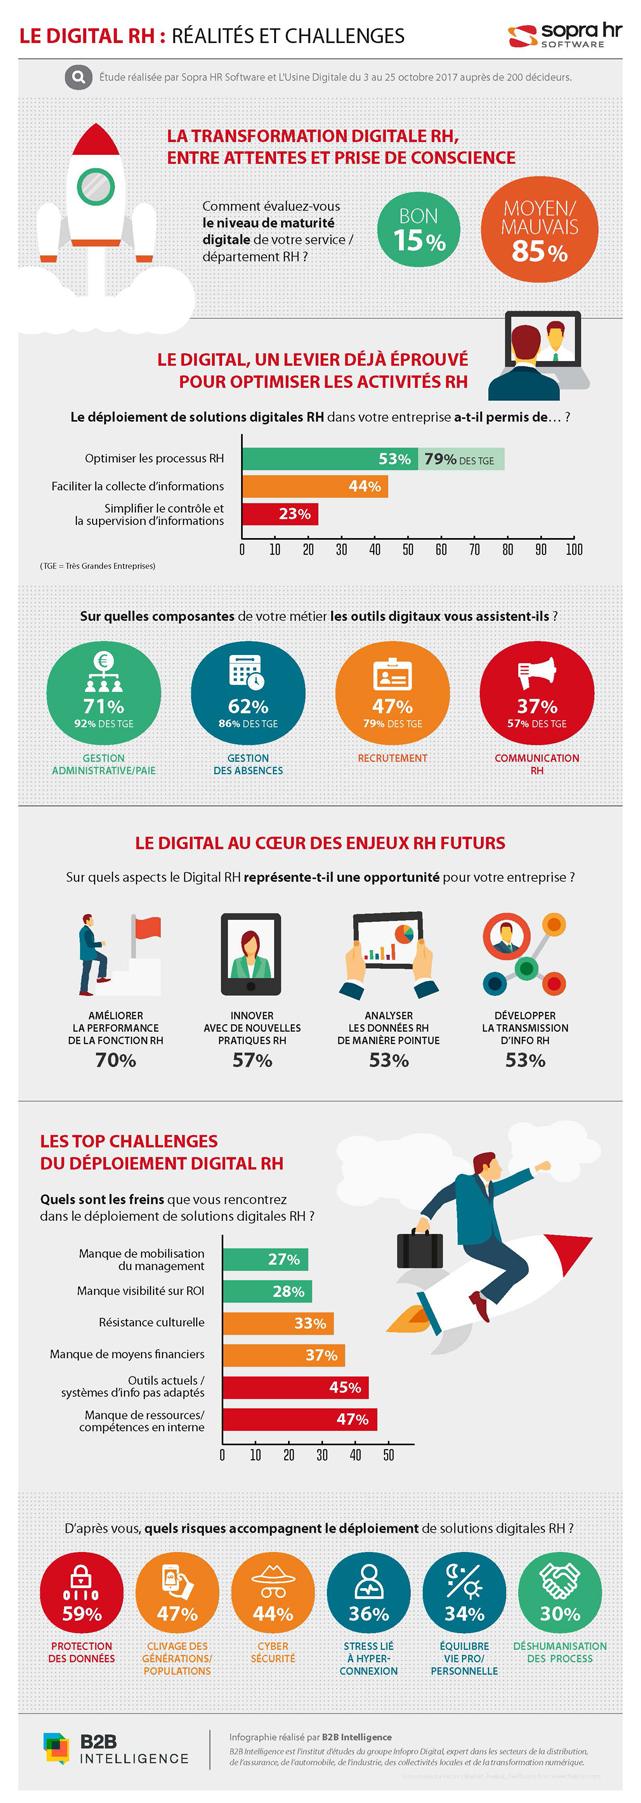 Infographie : la protection des données est le risque n°1 de la digitalisation des RH